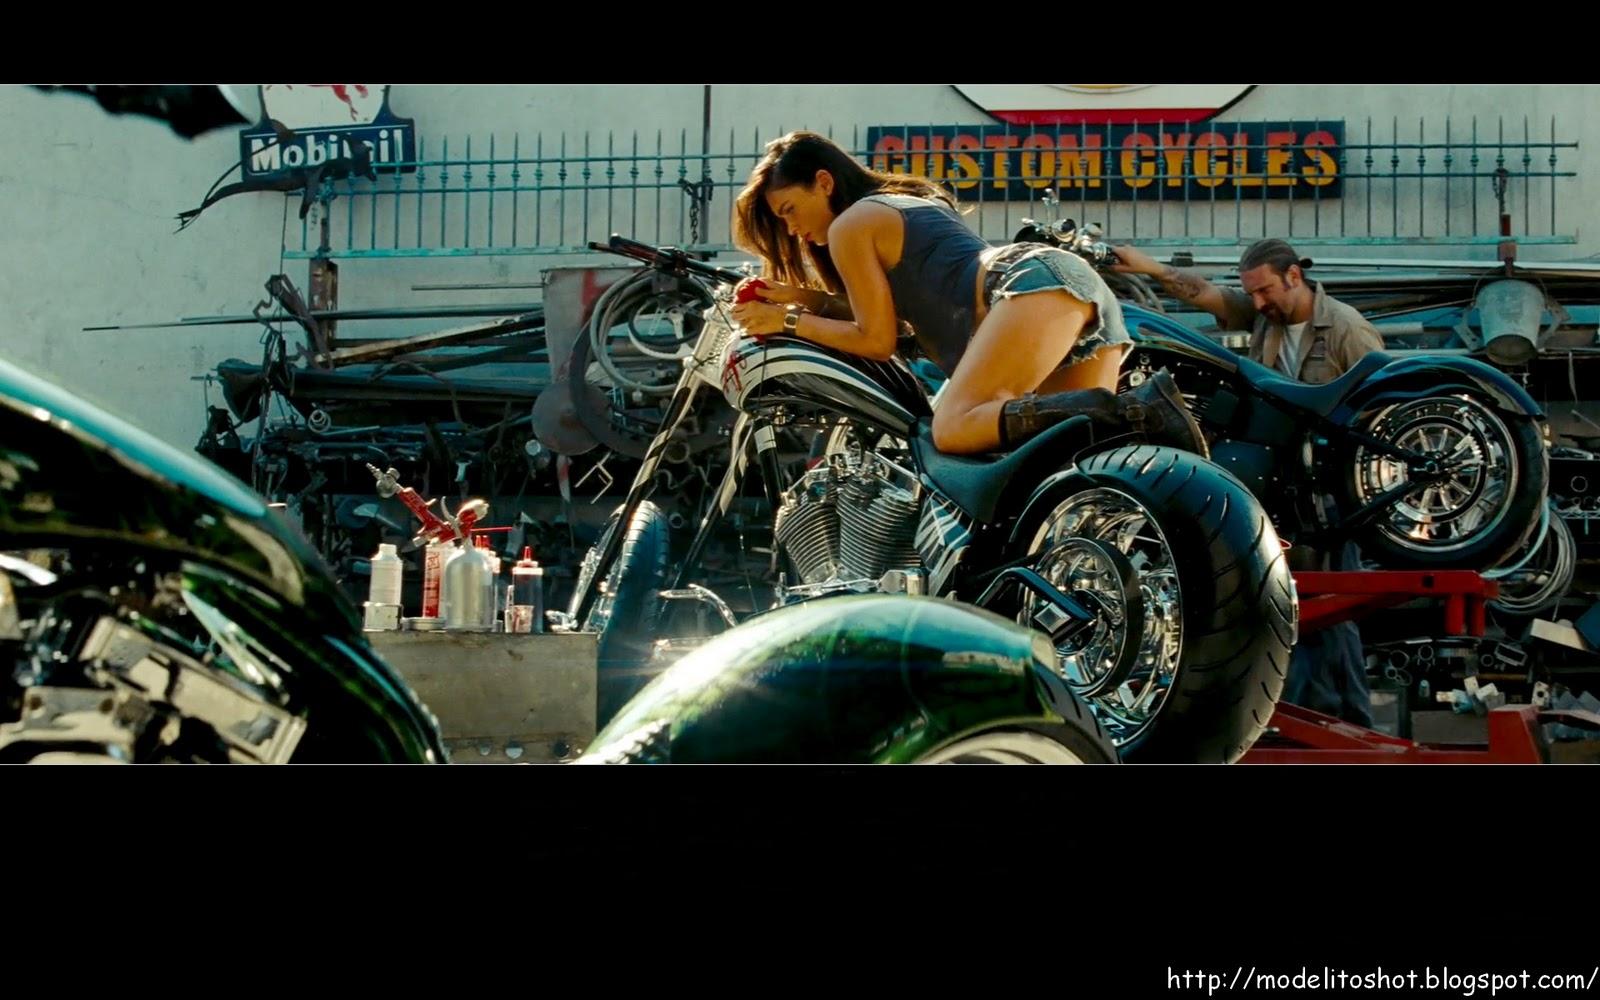 http://2.bp.blogspot.com/-4U_igo0mKFA/TWLZ-LdLTwI/AAAAAAAAAA8/4D_IUMcJ-yA/s1600/sexy+megan+fox.jpg